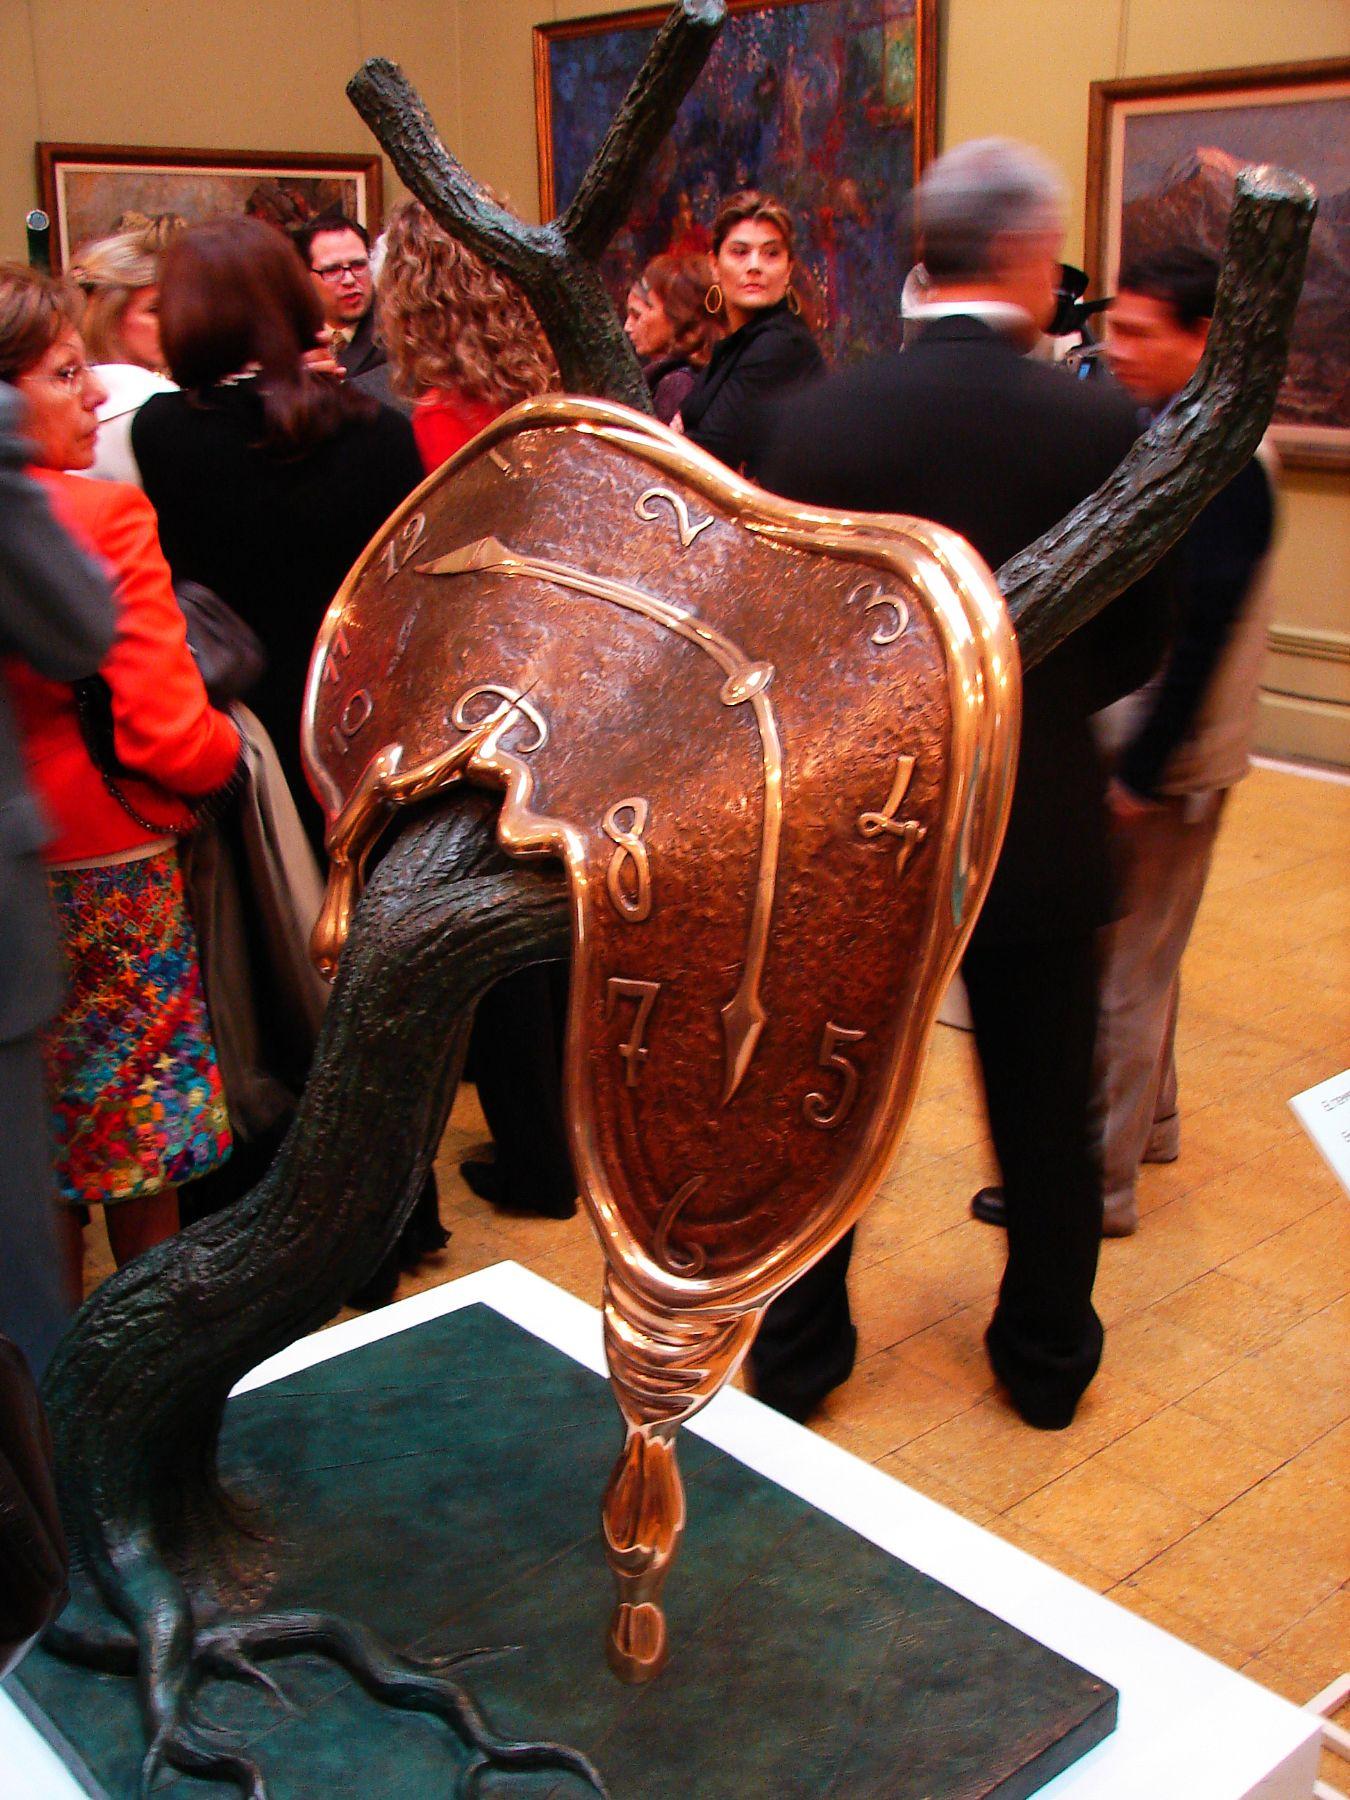 Reloj plegable de Dalí.  Foto: ANDINA / Giancarlo Stagnaro.